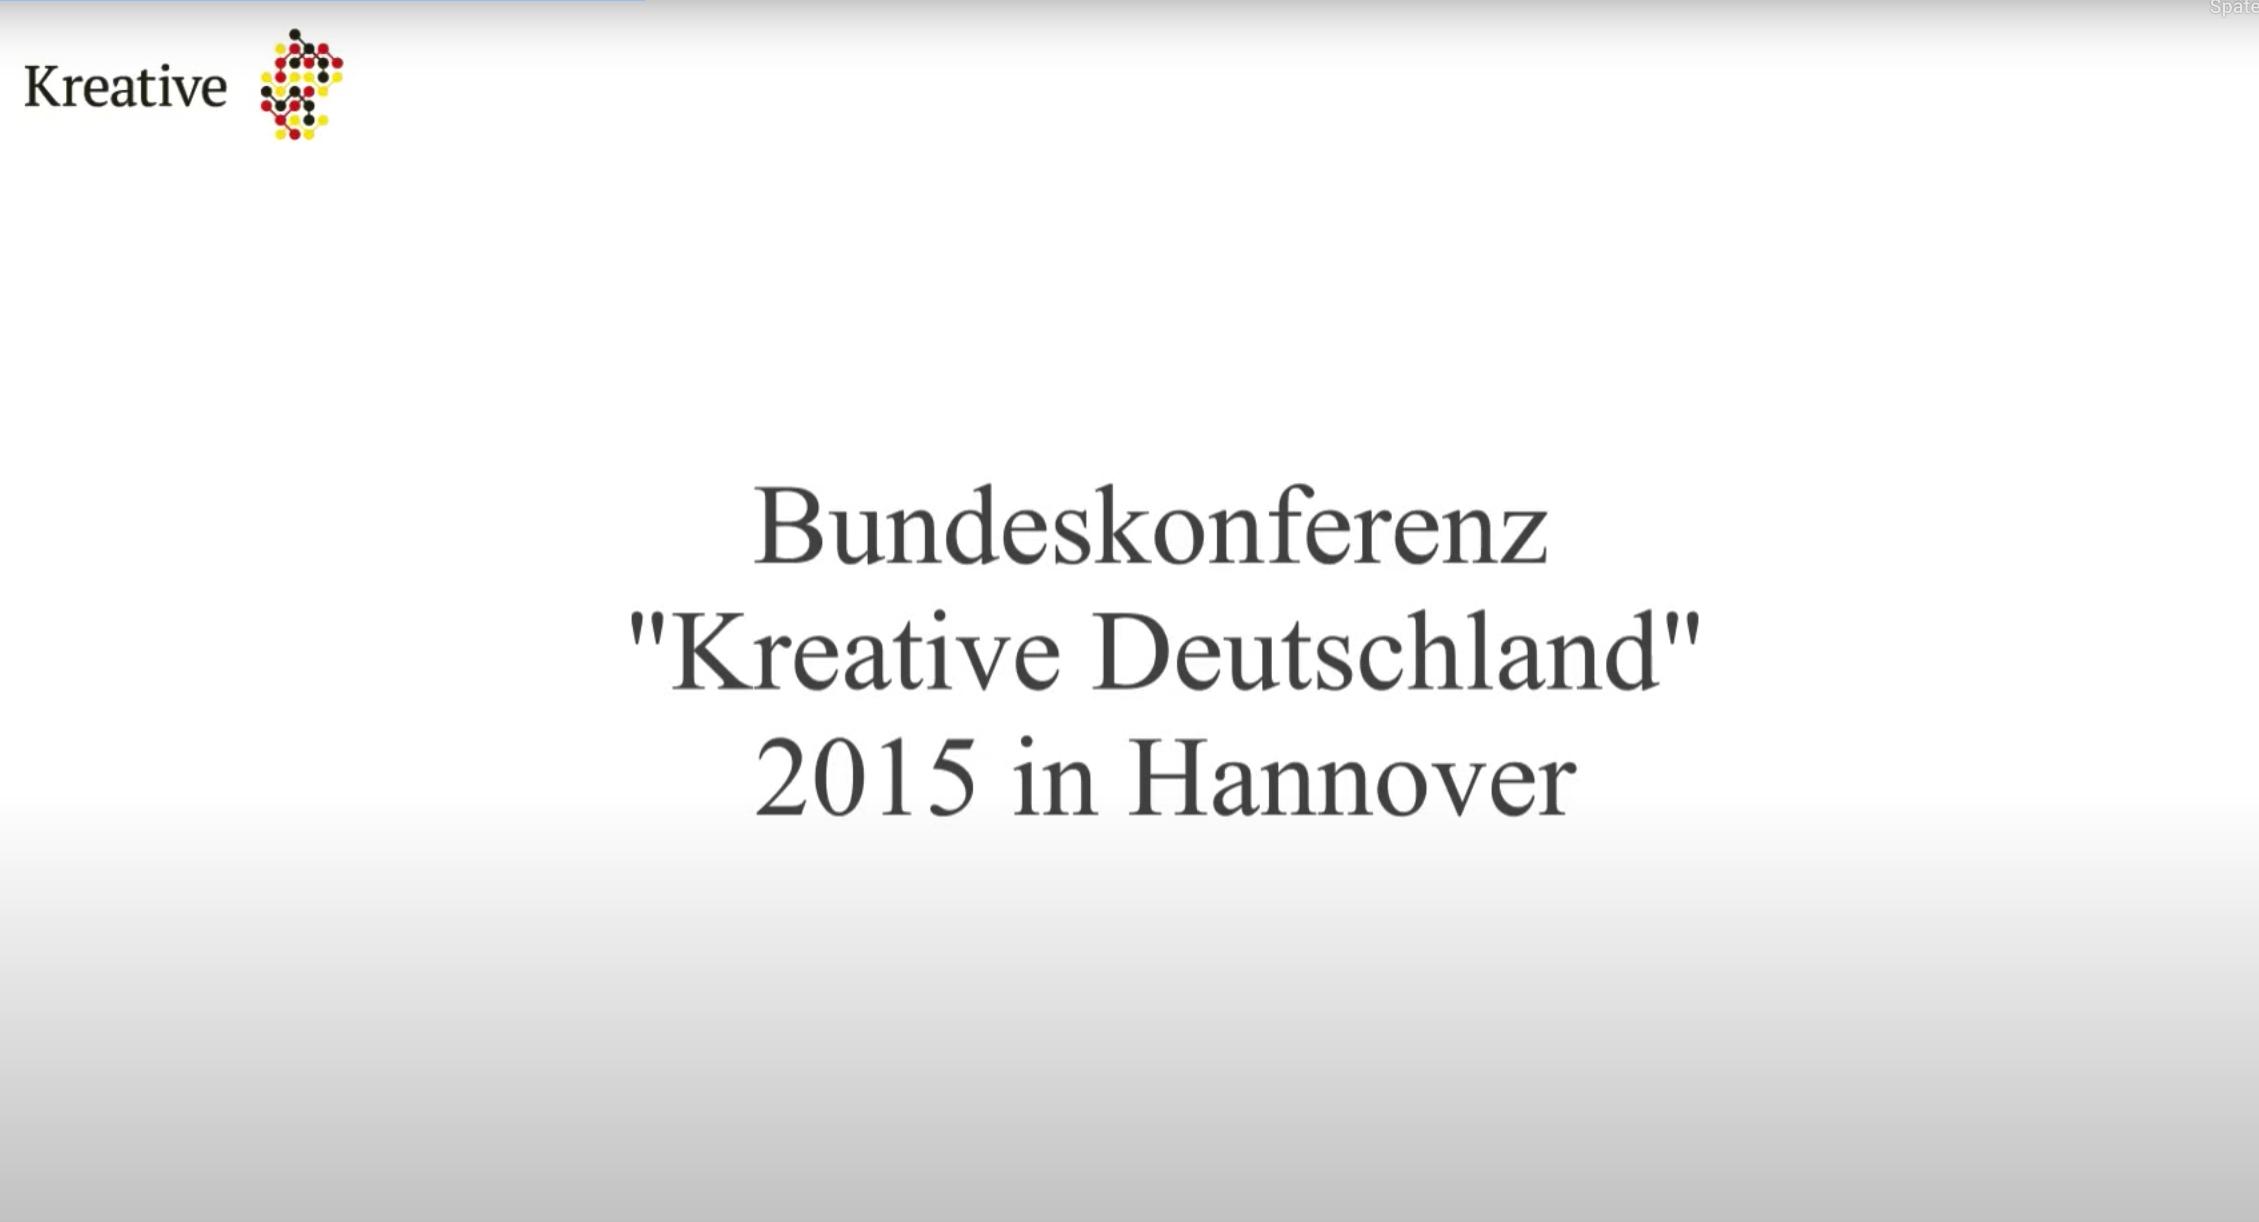 Bundeskonferenz Hannover 2015